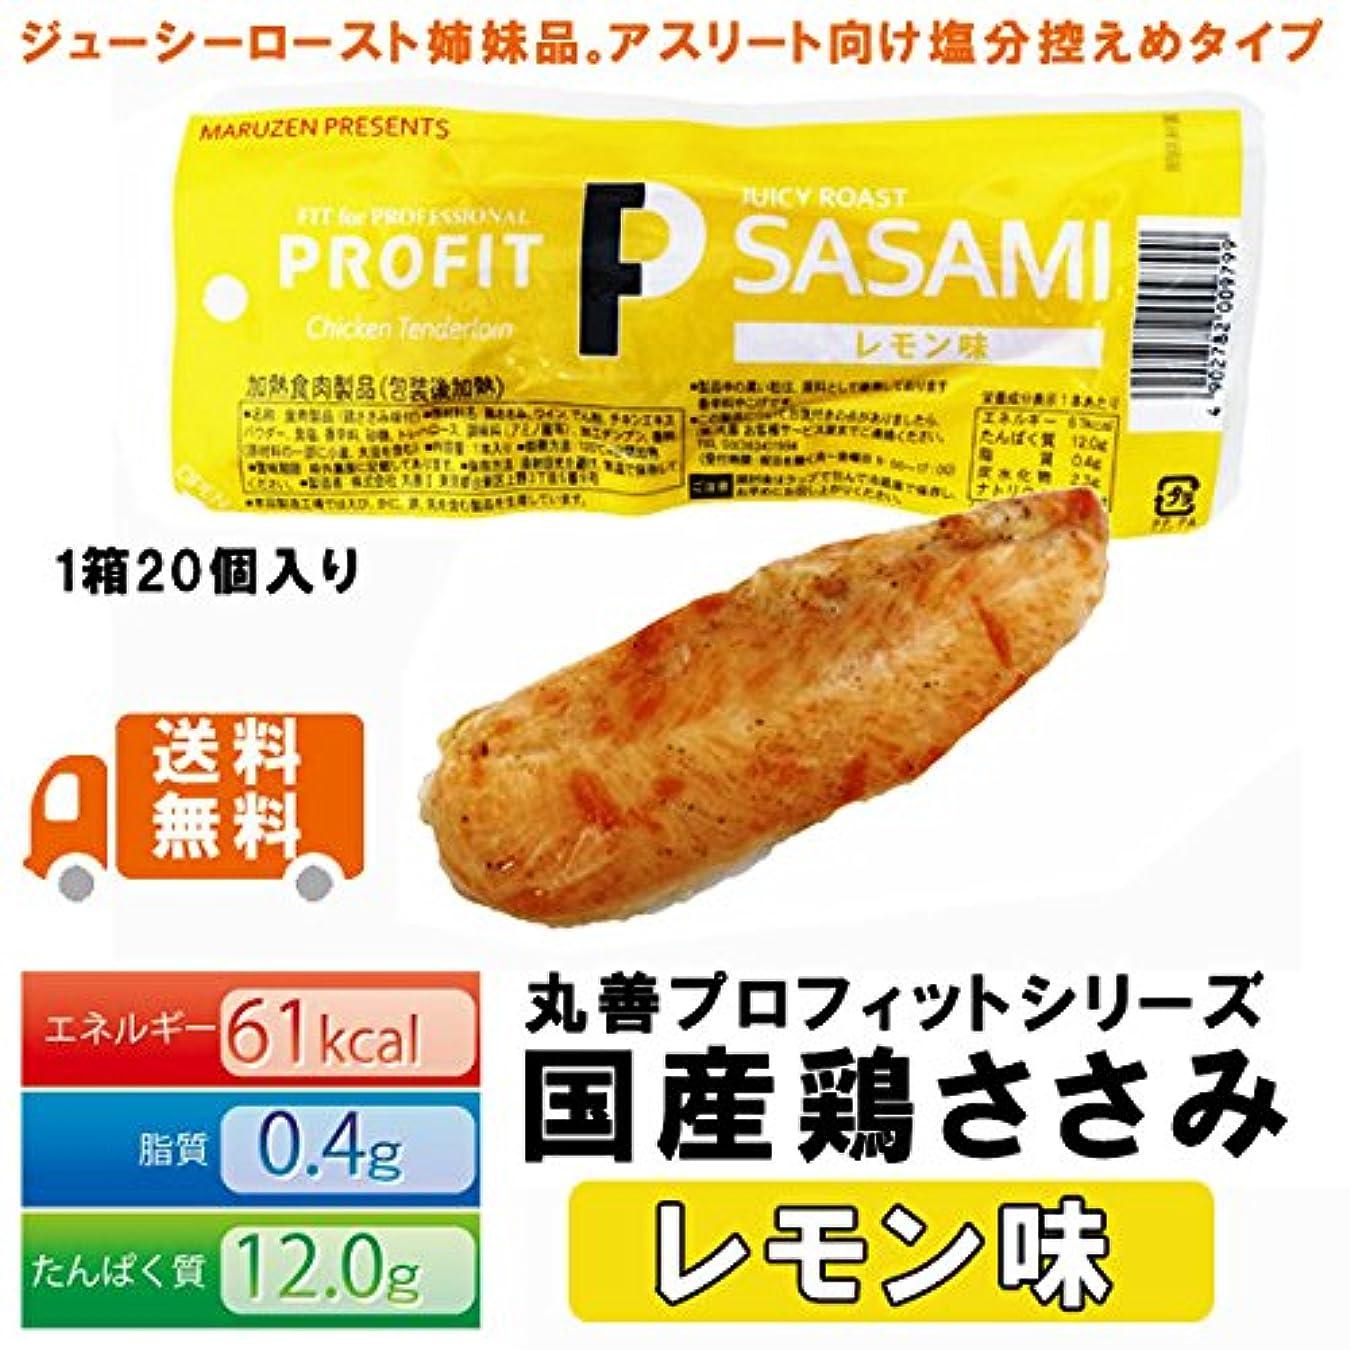 抽出精神どきどき丸善 PRO-FIT プロフィットささみ 鶏ささみ レモン味 1箱20本入り